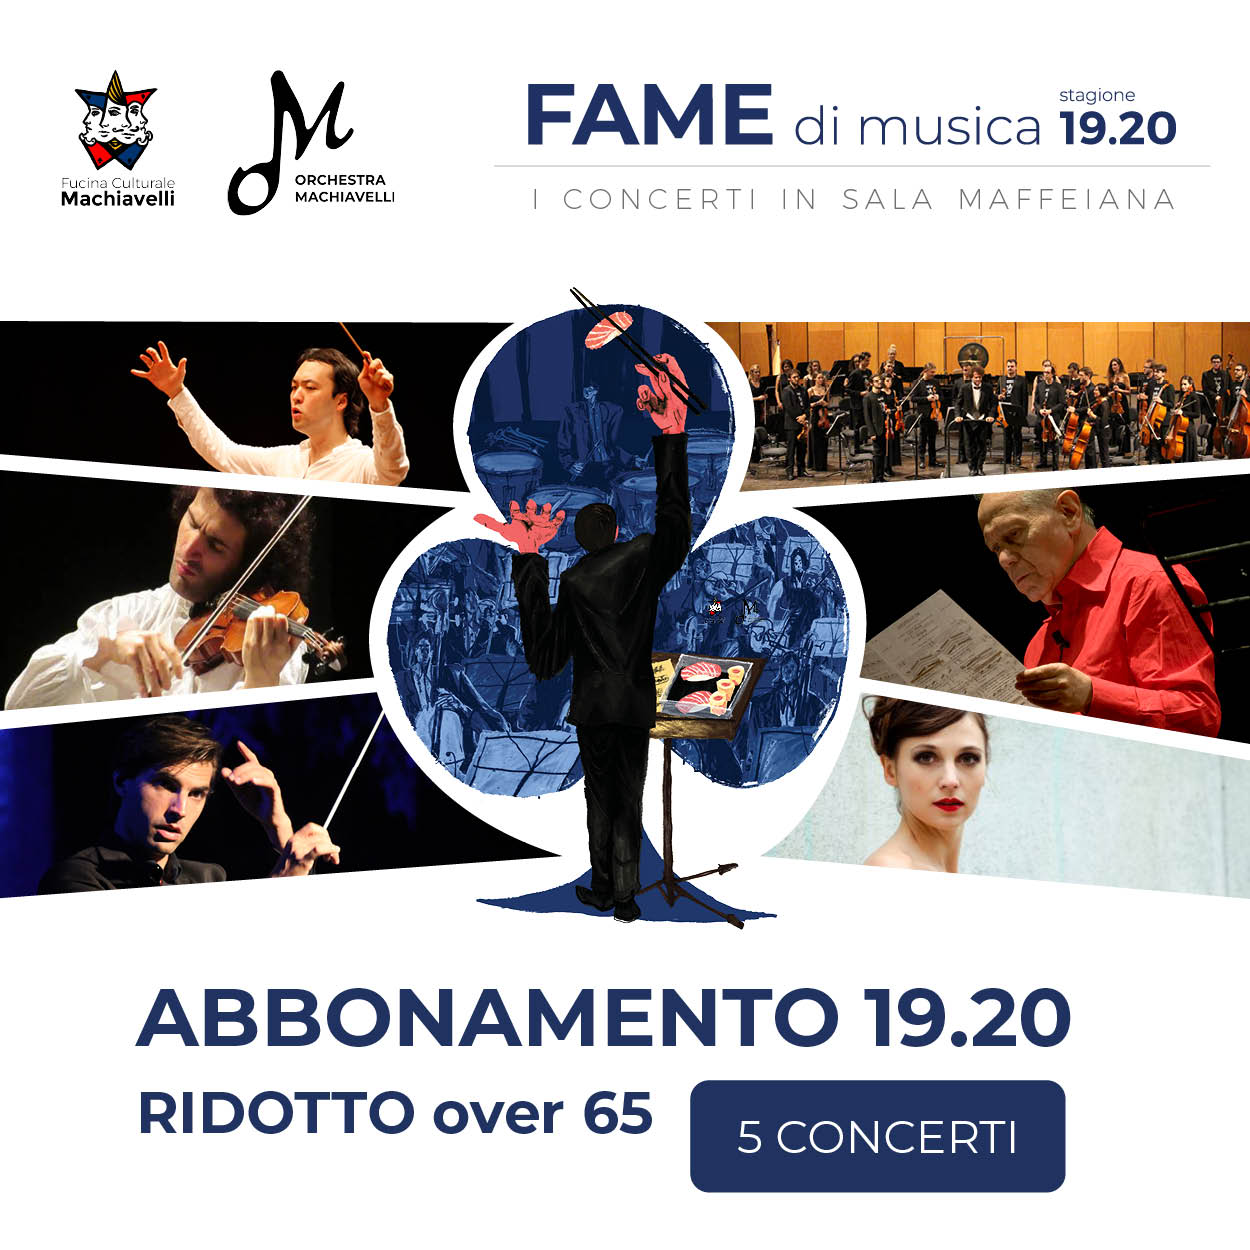 abbonamento ridotto over 65 - fame di musica - concerti orchestra machiavelli in sala maffeiana verona